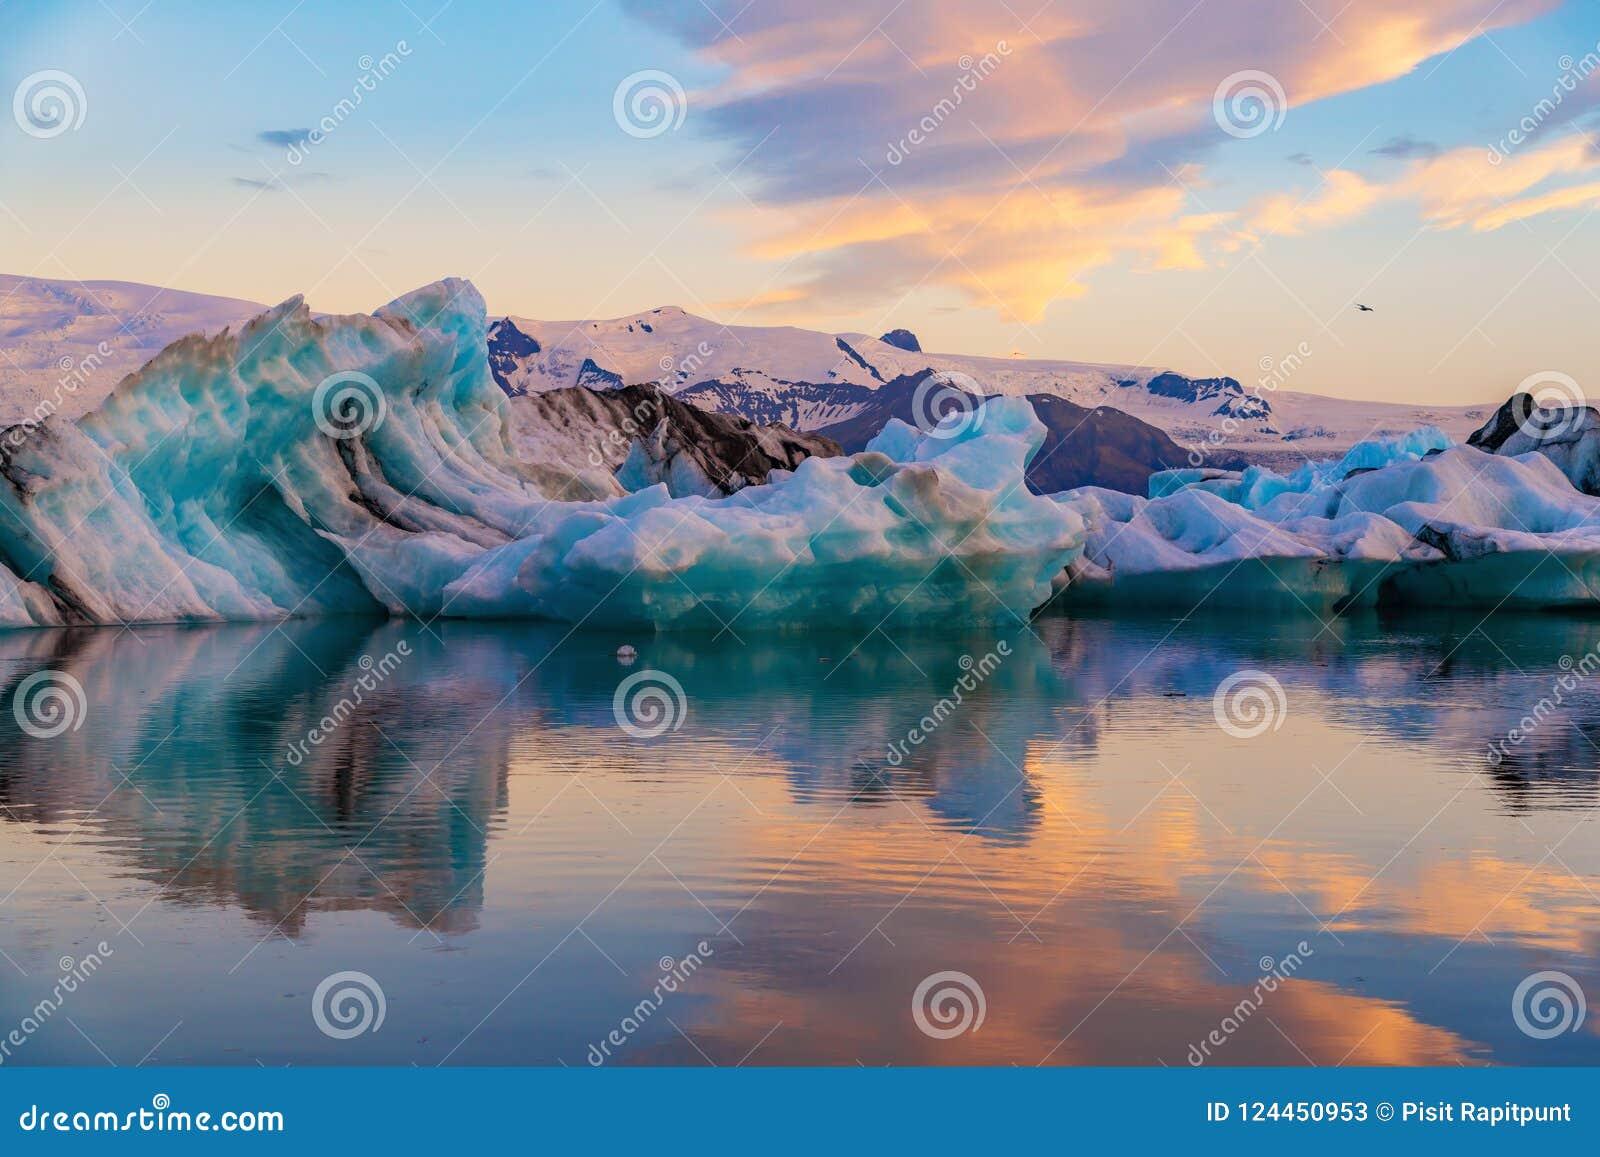 冰山在Jokulsarlon冰川盐水湖 Vatnajokull国家公园,冰岛夏天 午夜星期日